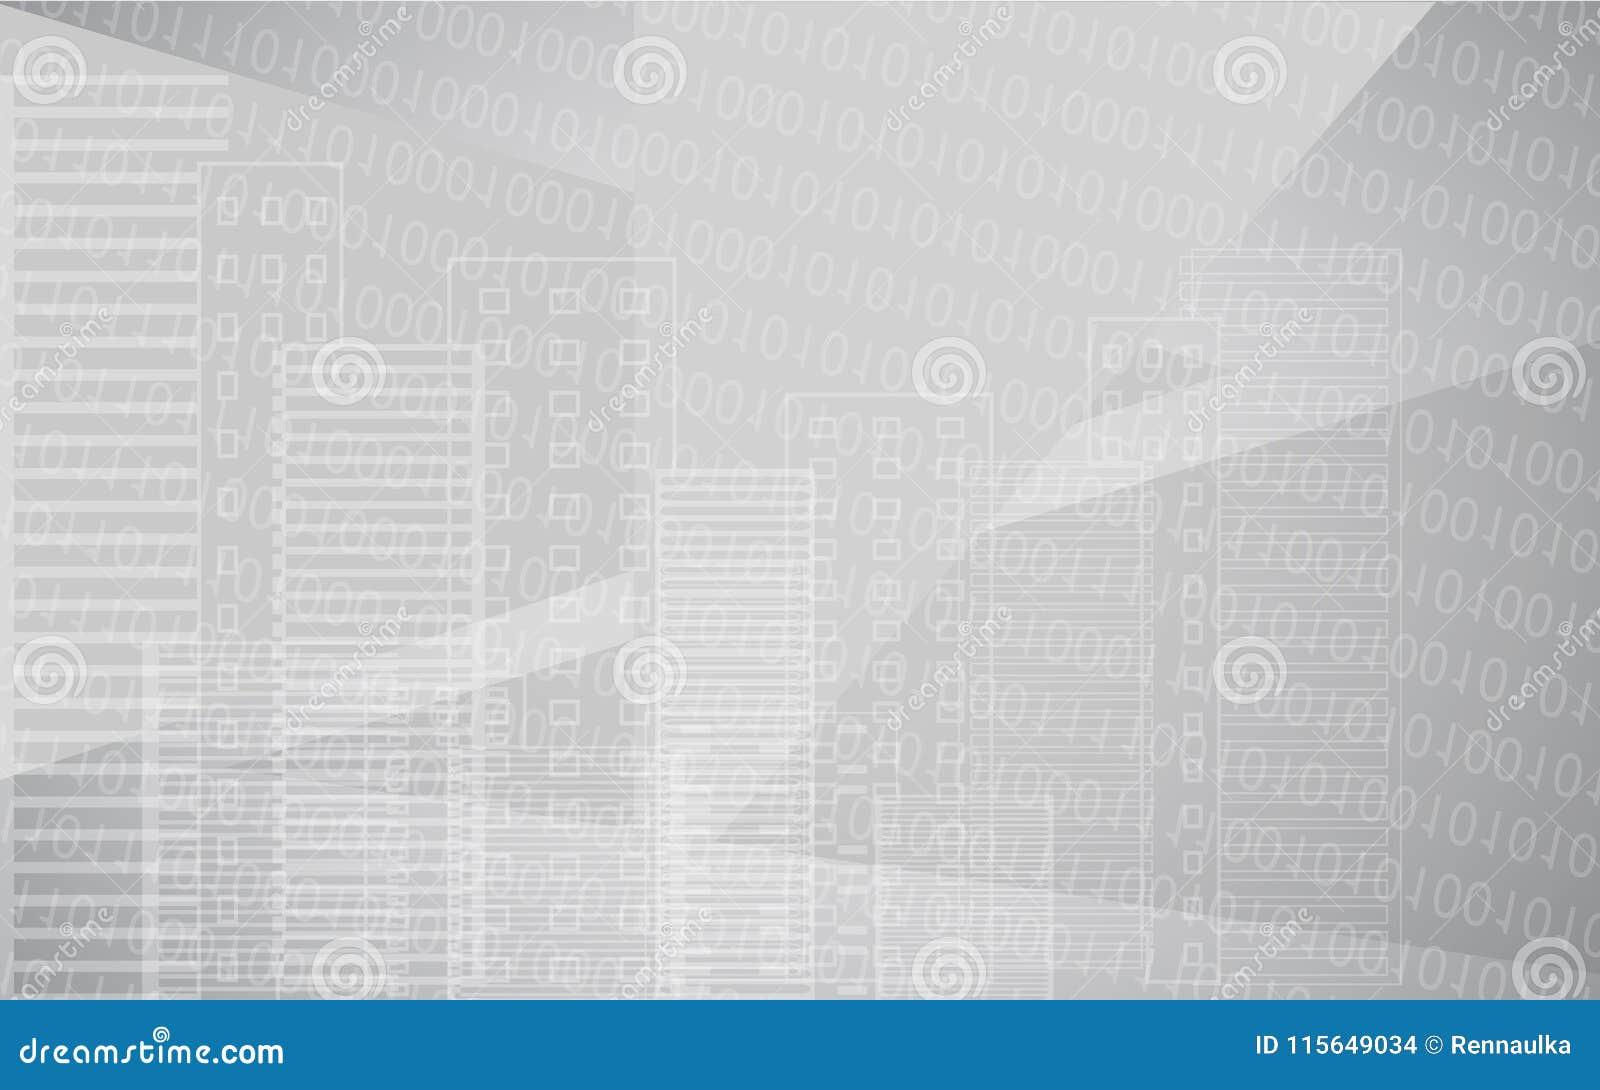 与大厦的传染媒介白色灰色城市背景 背景桥梁工程城市时钟连接前景法兰克福德国包括跨过街道结构的使并列的现代缩小的老部分步行场面摩天大楼耸立二 有二进制编码的大摩天大楼全景 技术设计